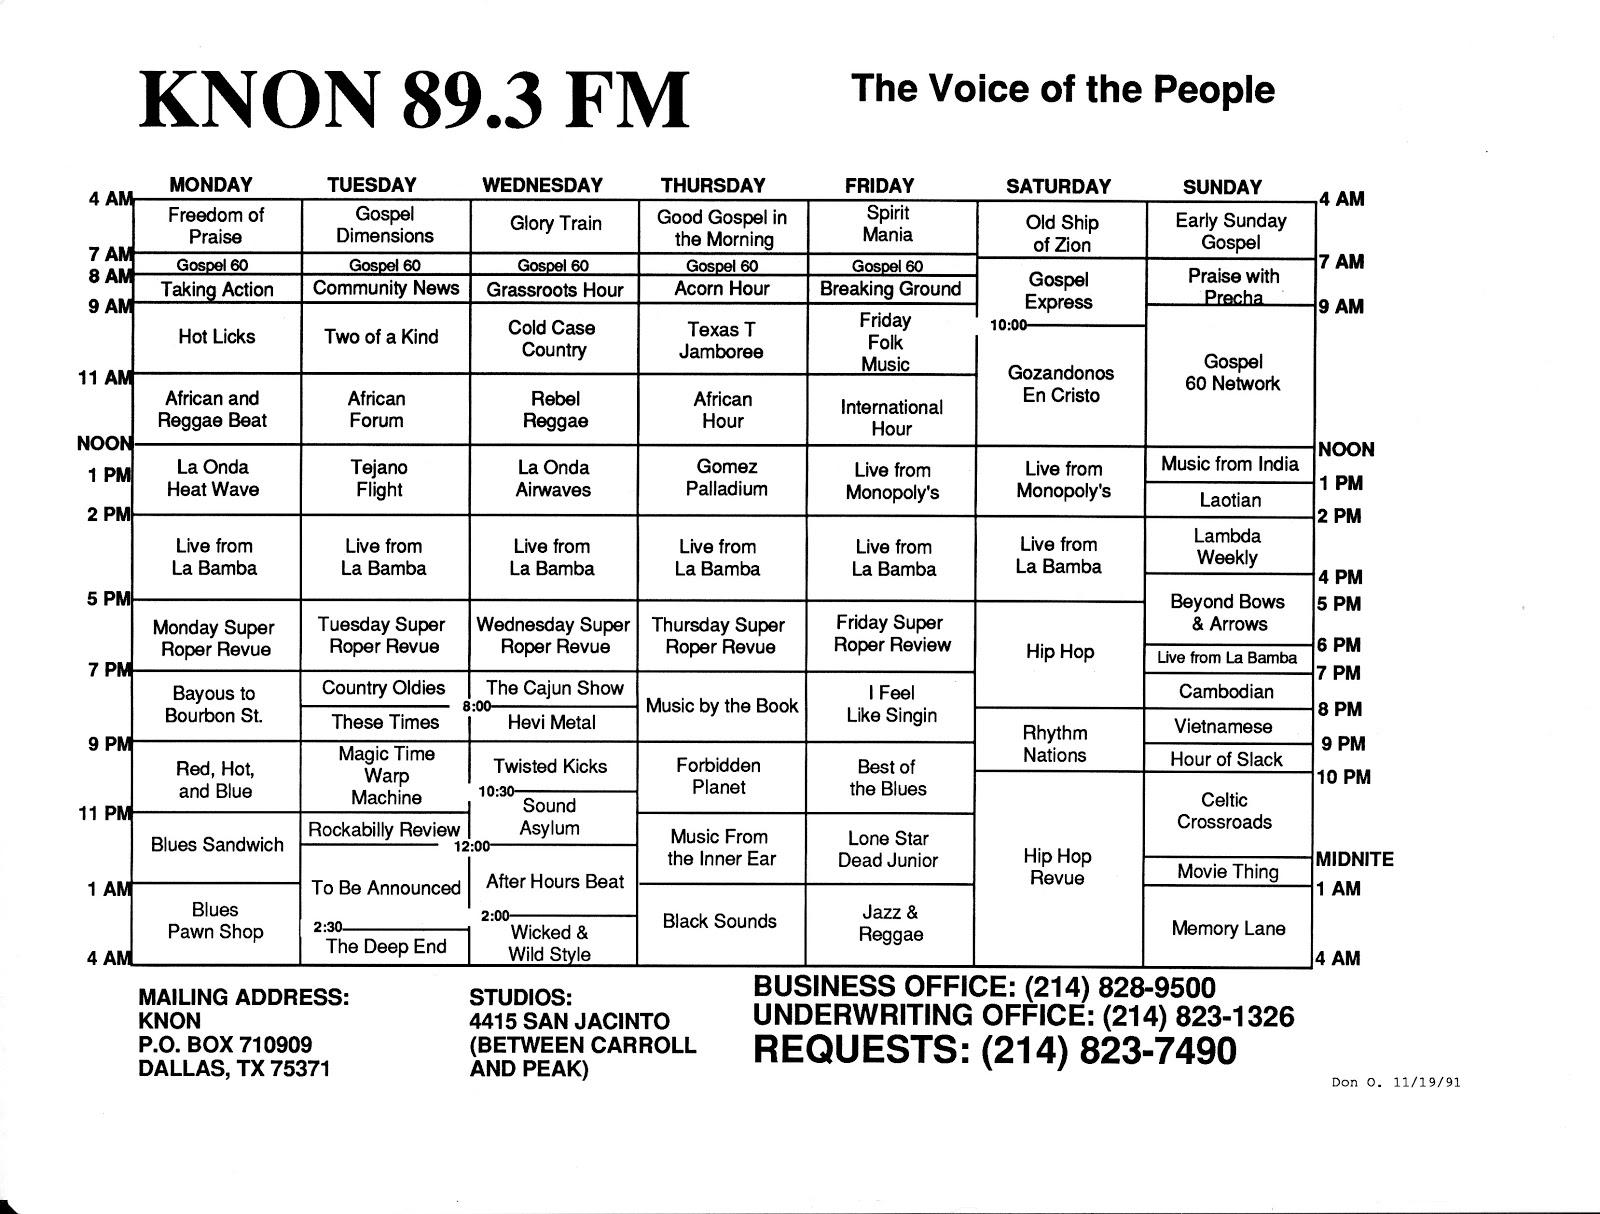 knon-schedule-911119